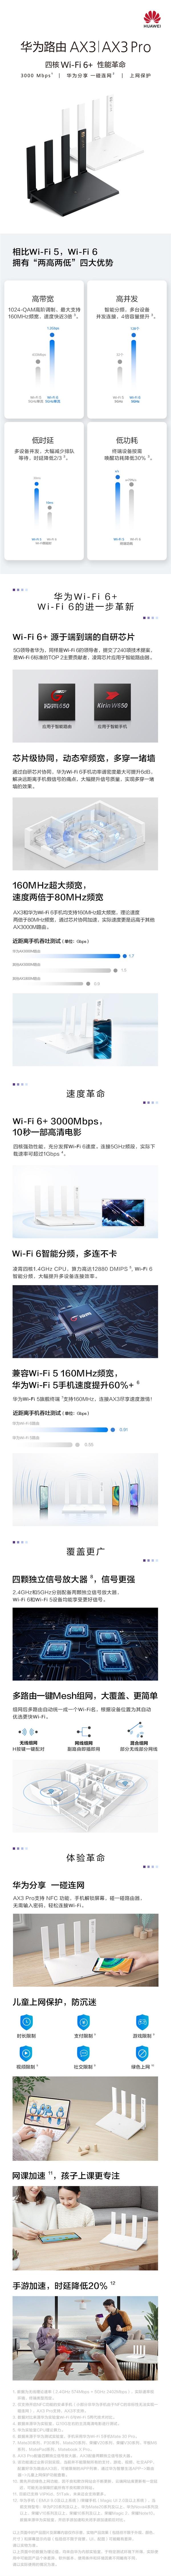 首款Wi-Fi 6+智能路由器 华为路由AX3系列发布